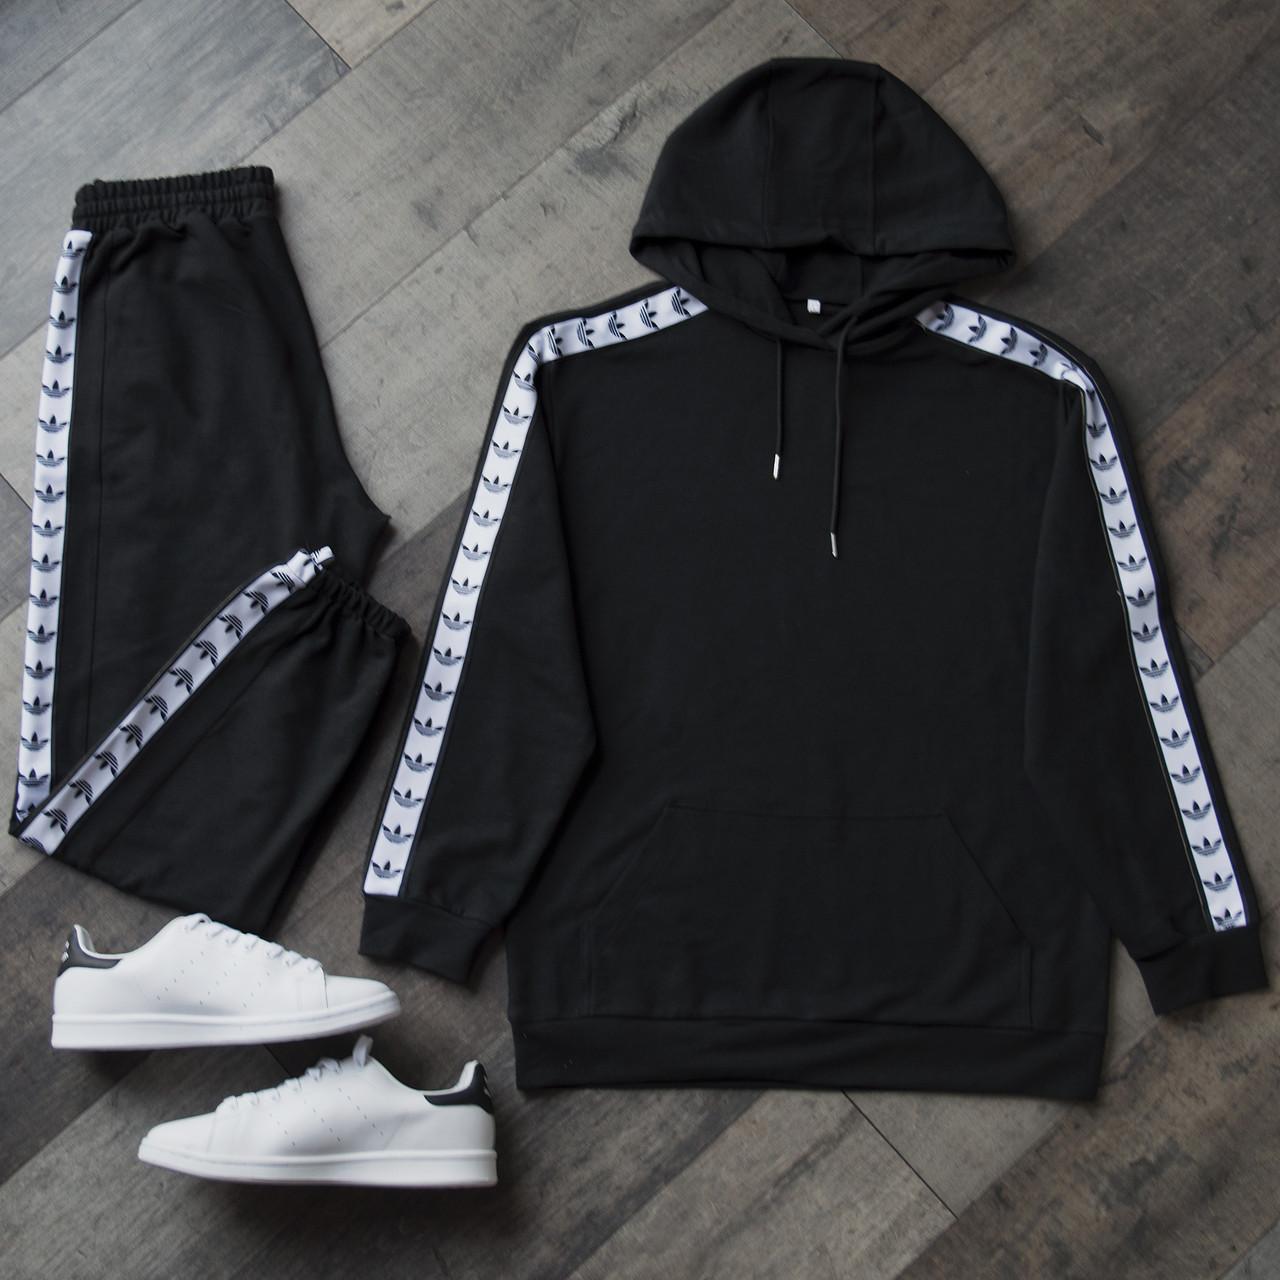 Спортивний костюм чоловічий чорний сезон весна/літо (весняний) в стилі Adidas (Адідас)